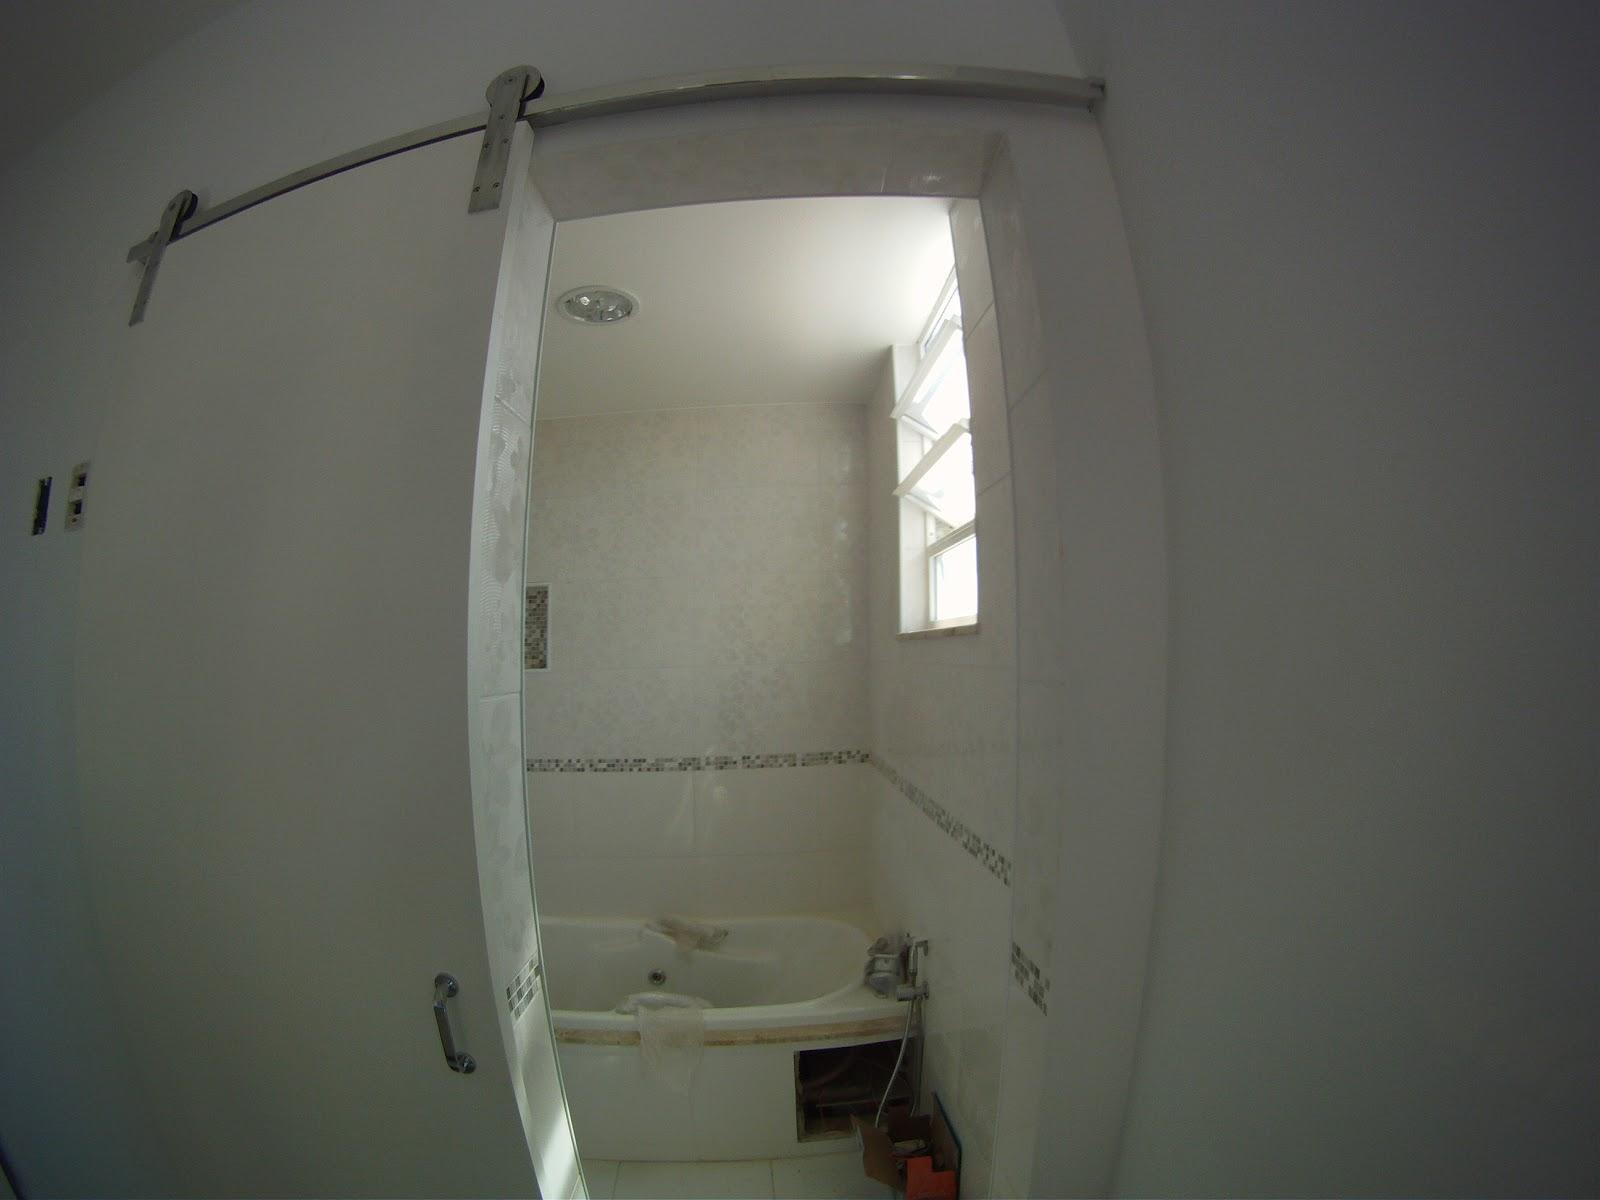 Imagens de #71715A Banheiro da Suíte : Tembém praticamente pronto! Falta o blindex  1600x1200 px 3484 Blindex Para Banheiro Rj